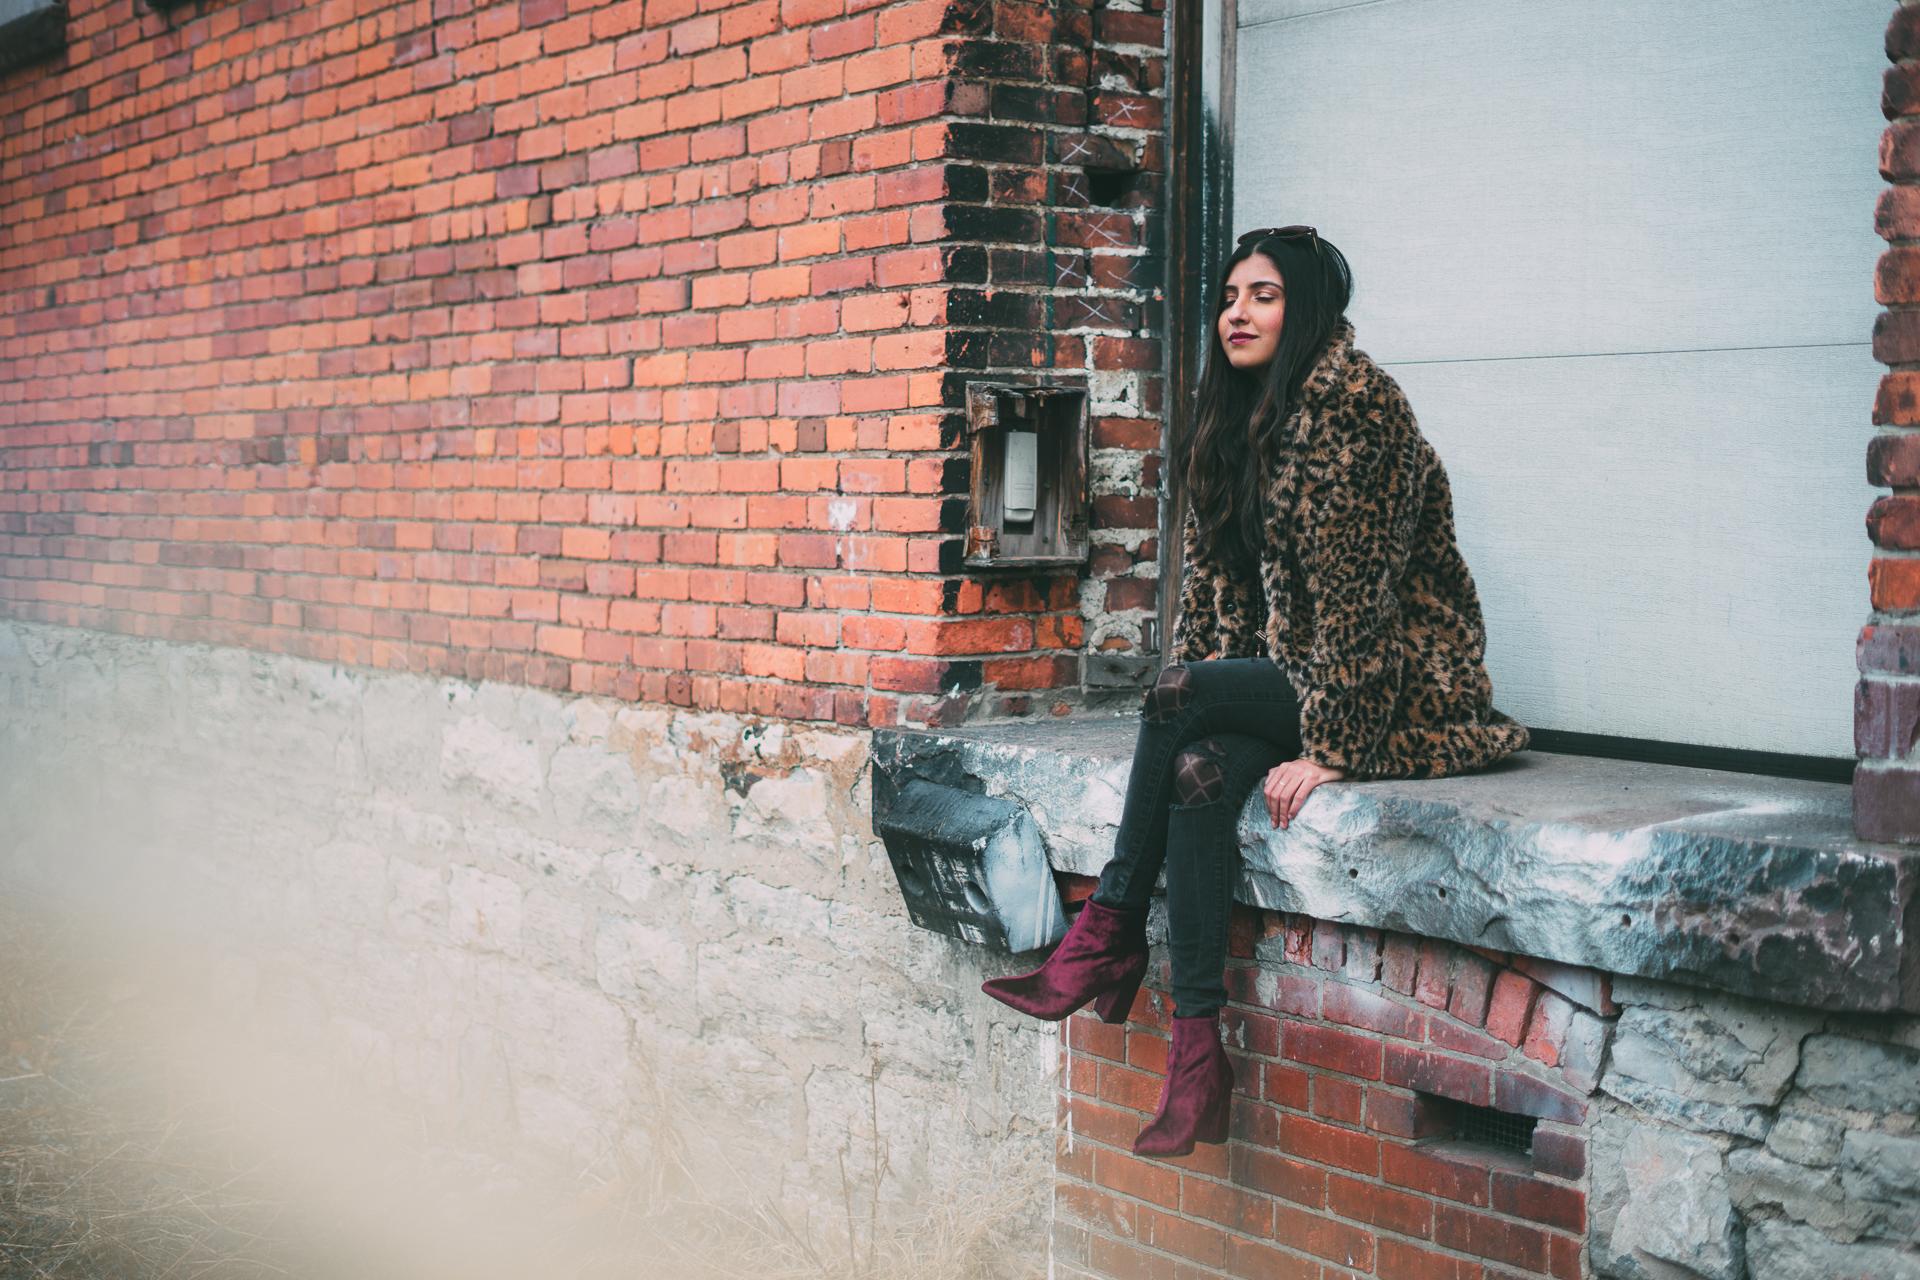 leopard-faux-fur-coat-velvet-boots-winter-style-blogger-outfit 15